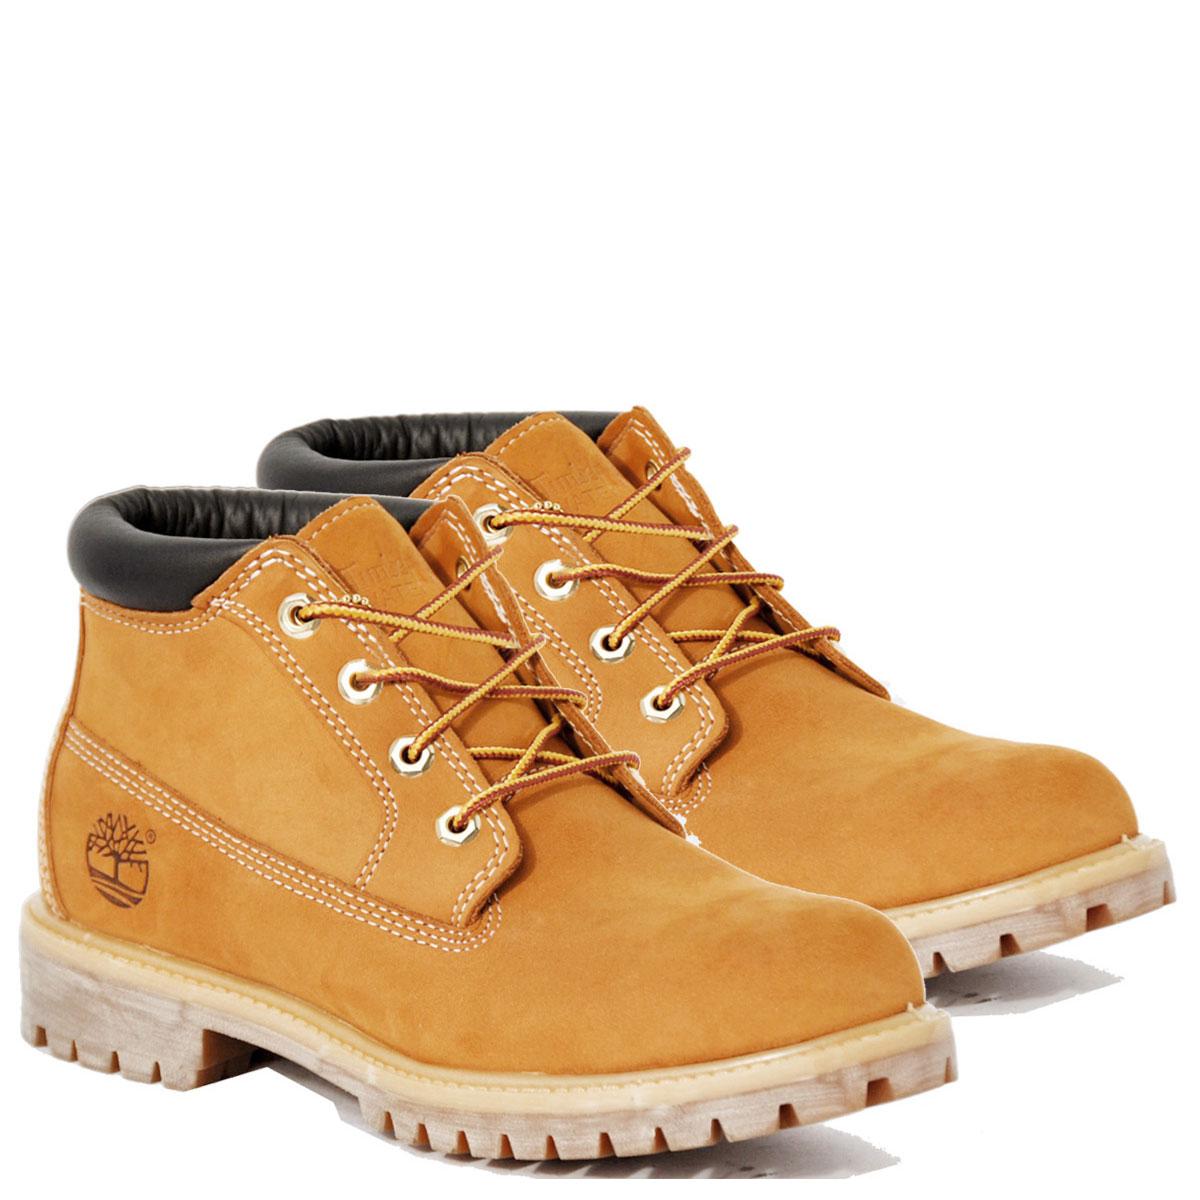 【最大2000円OFFクーポン】 Timberland WATERPROOF CHUKKA BOOT ブーツ チャッカ メンズ ティンバーランド 23061 Wワイズ 防水